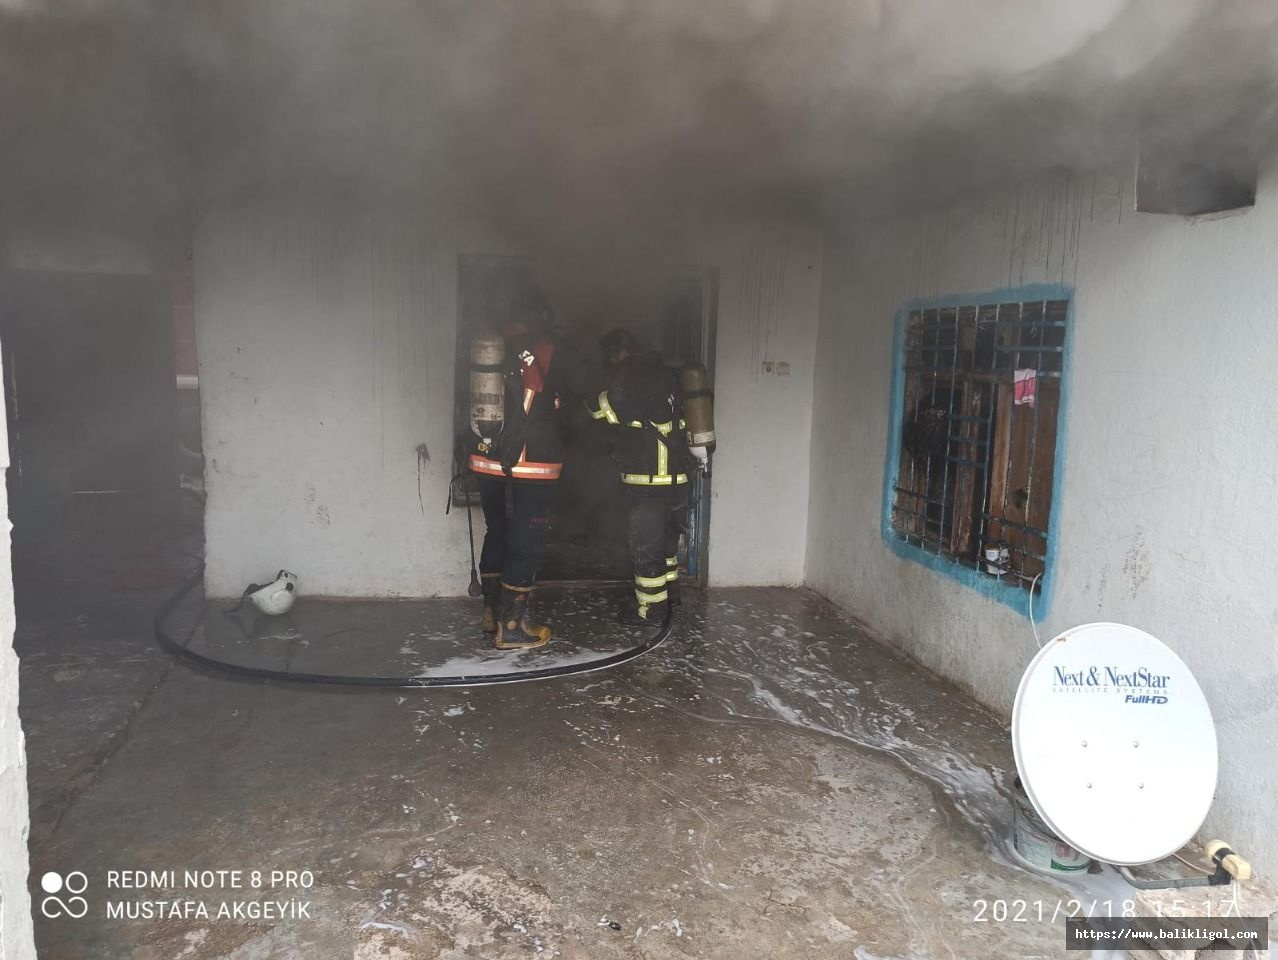 Ceylanpınar'da ev yangını! İtfaiye müdahale etti